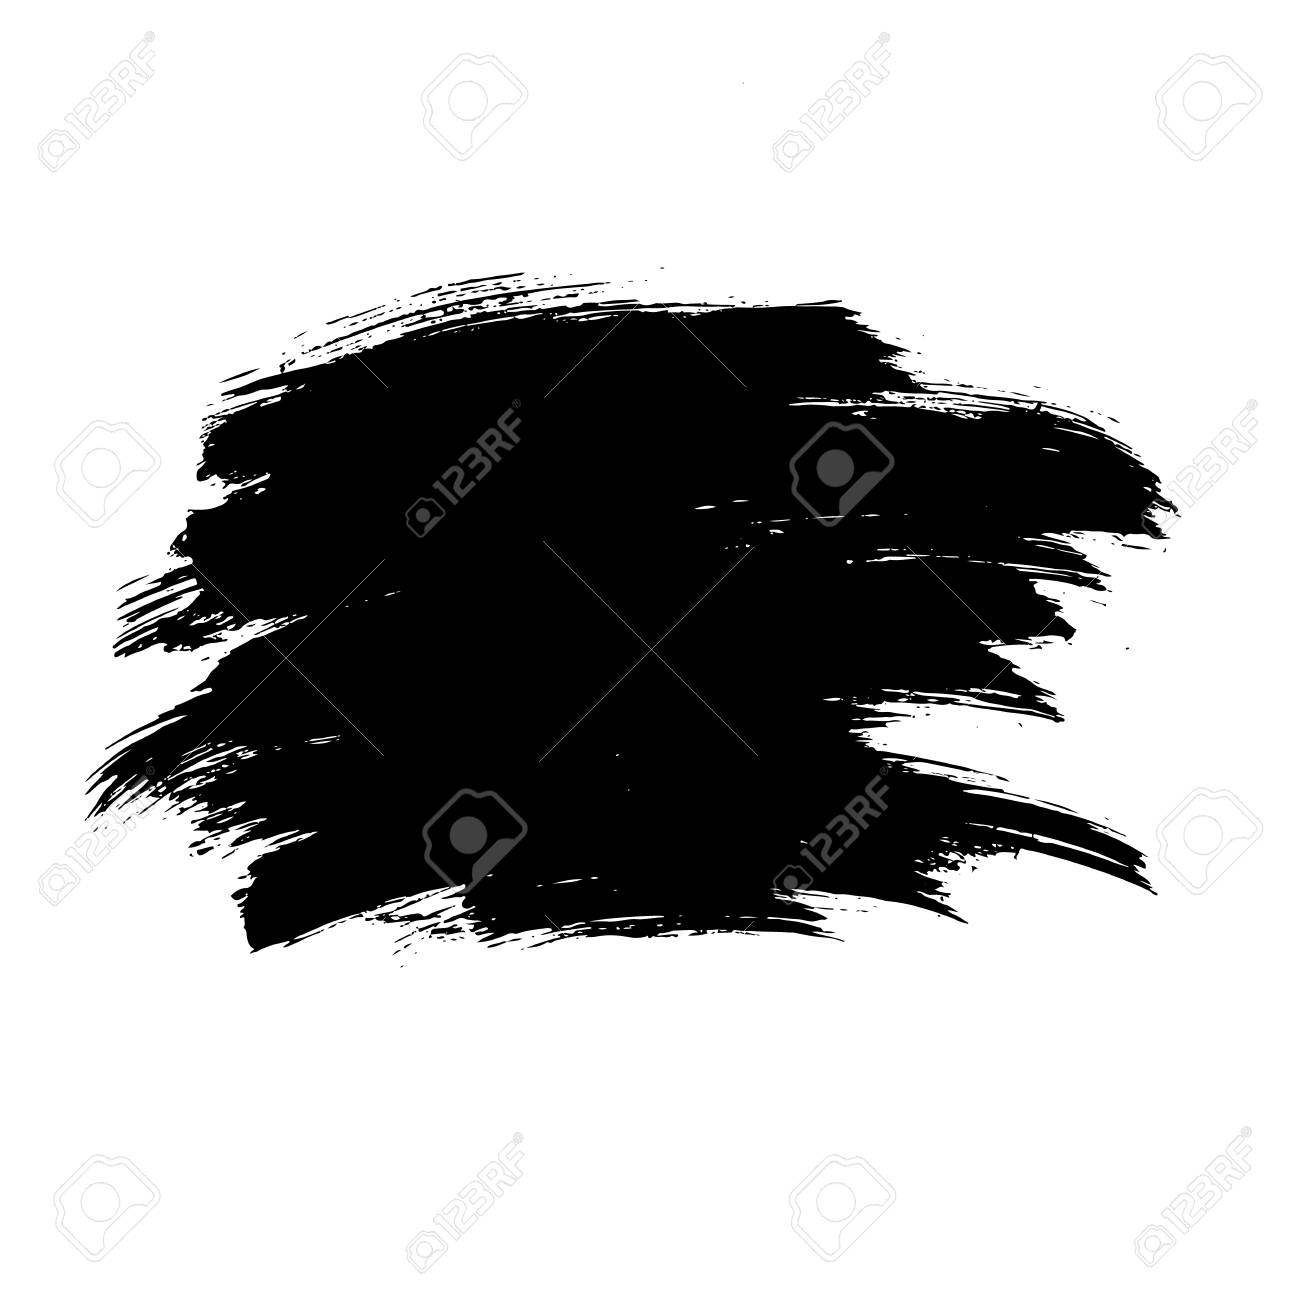 c0c0520a9024 Black Paint